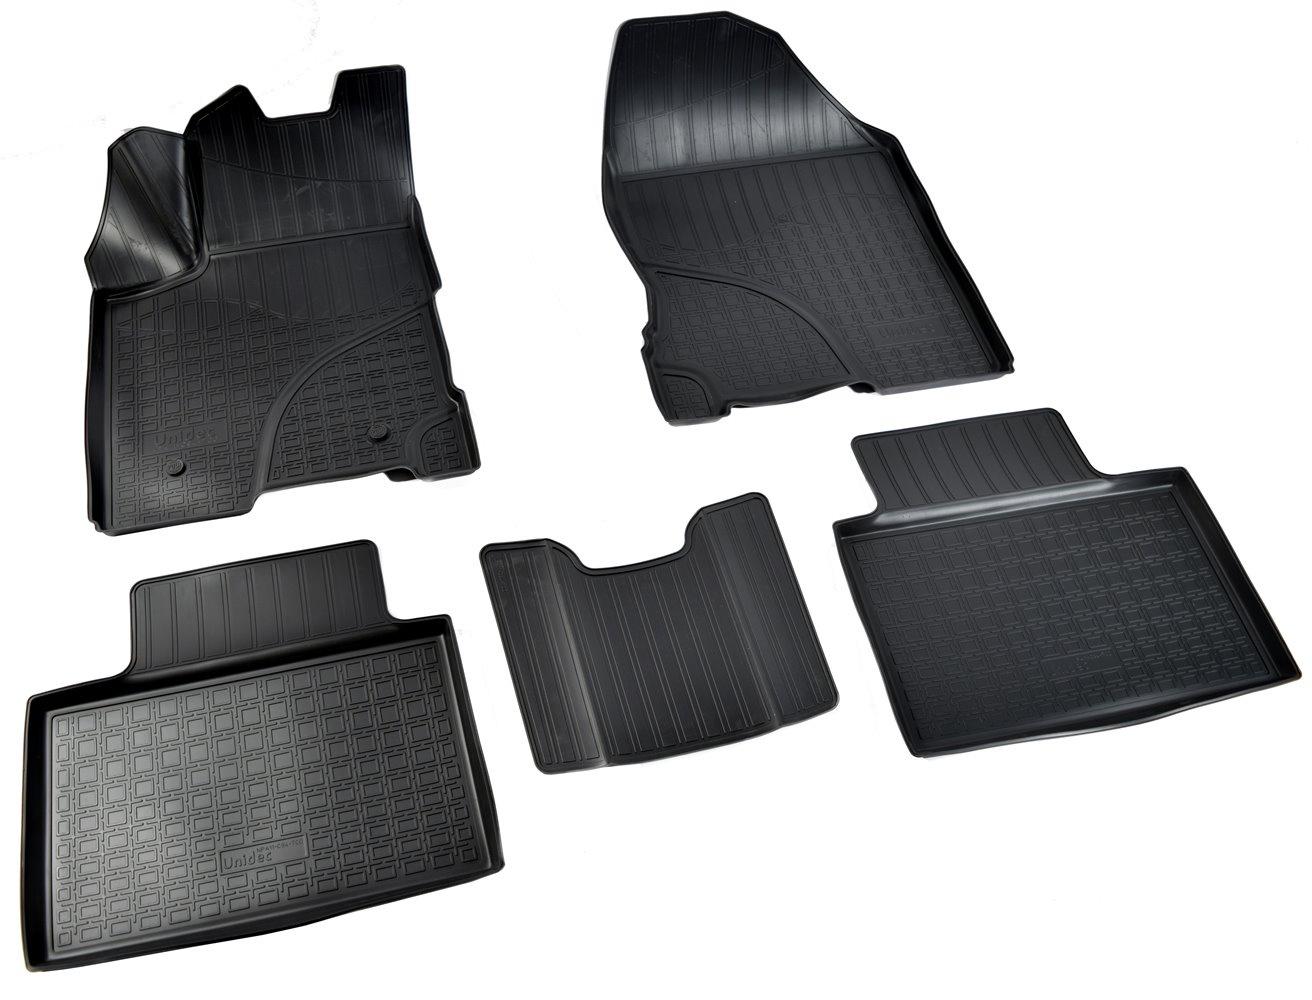 Коврики салона Norplast для VAZ Lada Vesta 3D 2015, NPA11-C94-700, черный цена